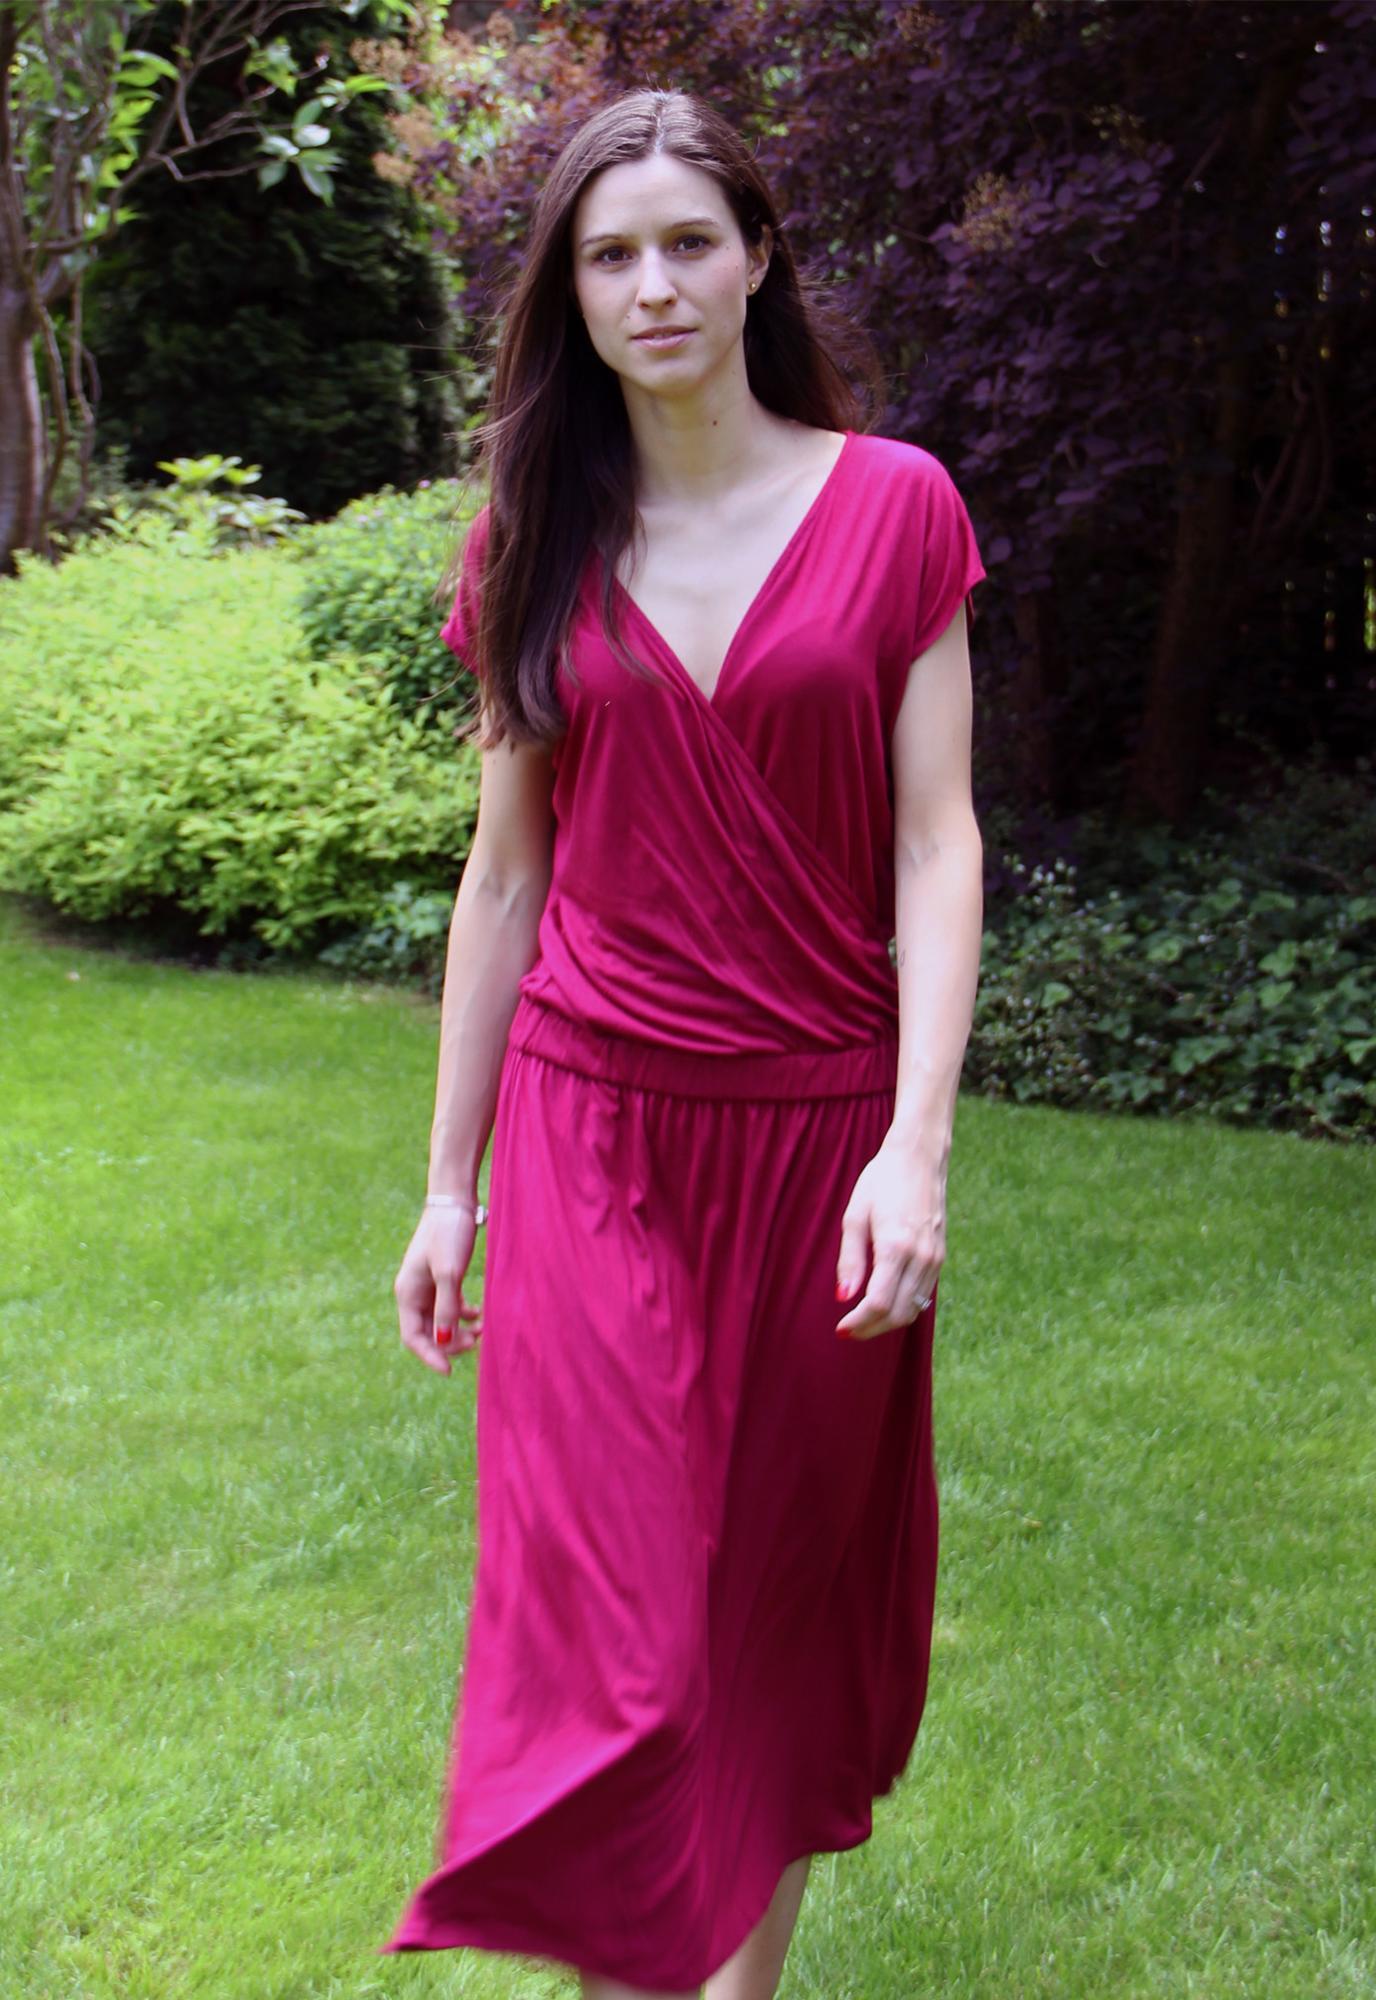 Sukienka Midi Roza Kopertowa WOMAN  czerwona sukienka maxi polski projektant - The Same